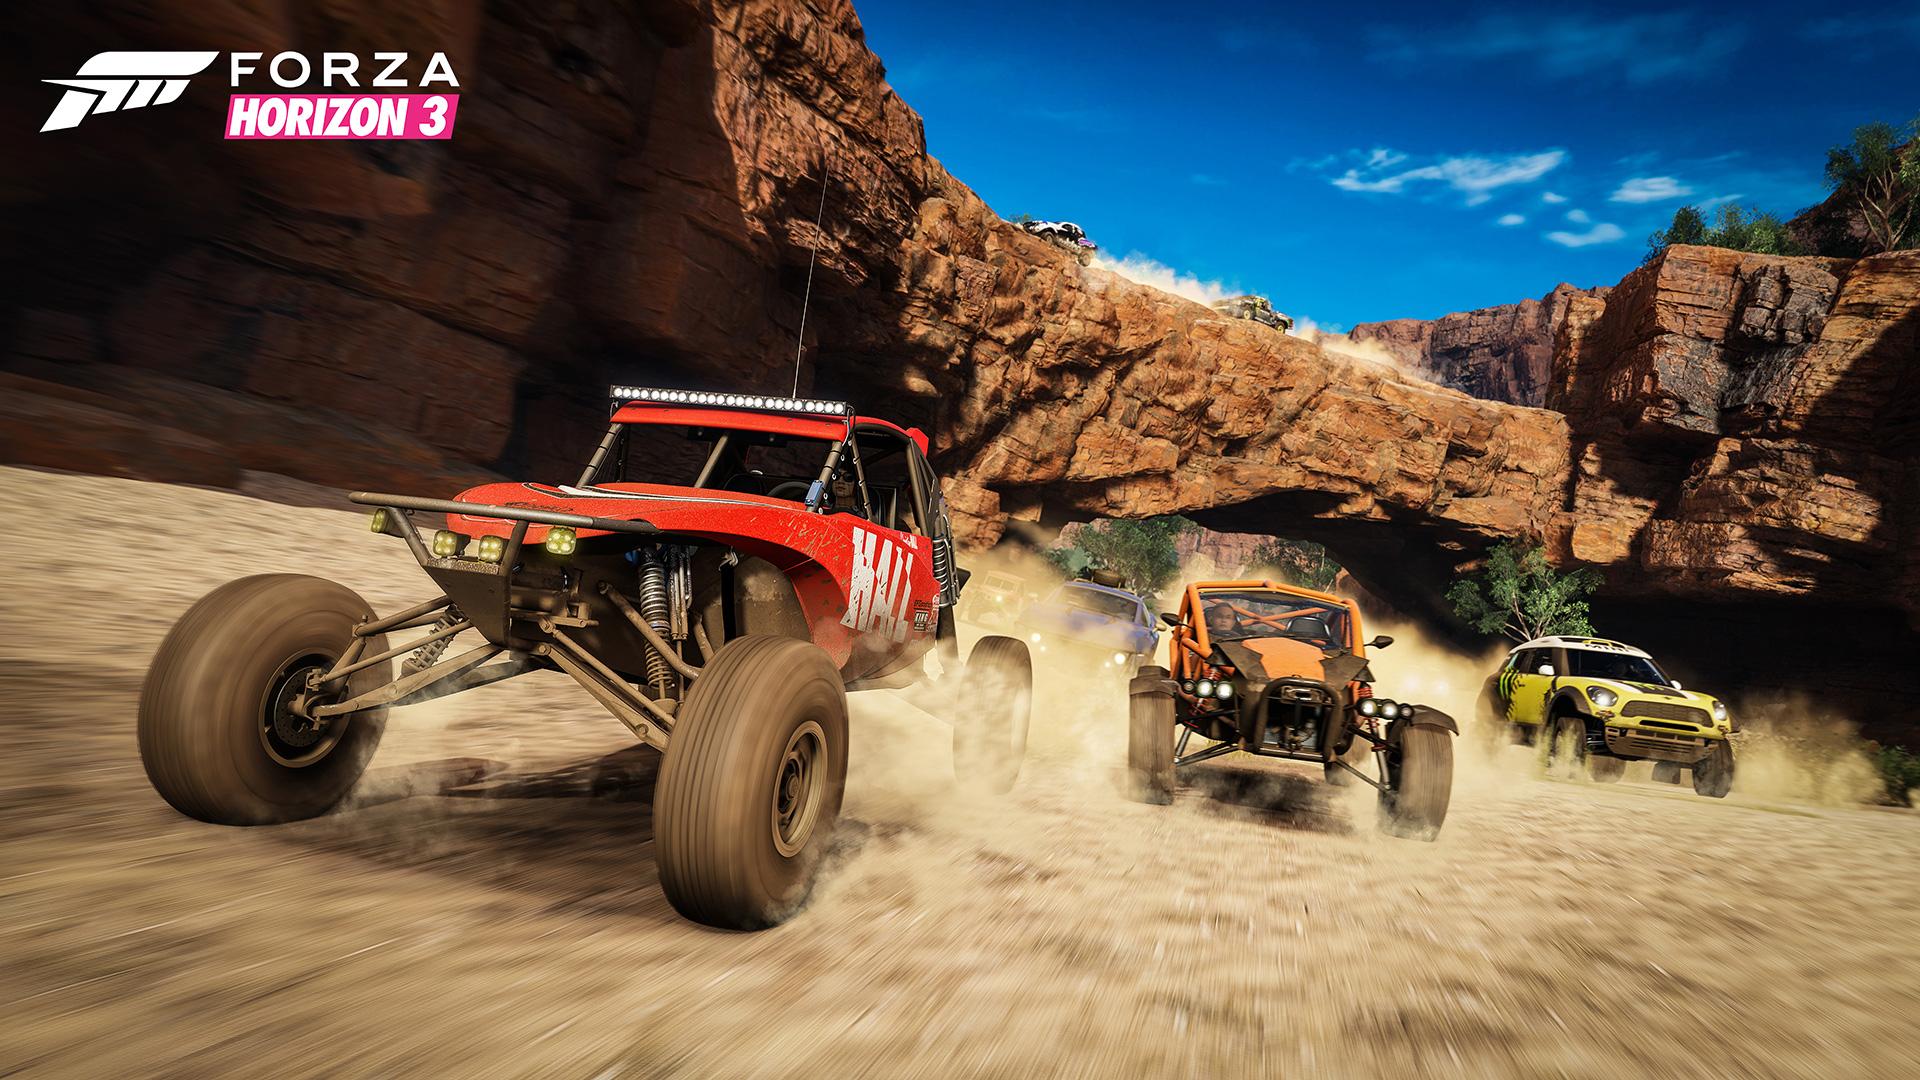 Forza Horizon 3, qui était déjà un des plus beaux titres sur le marché, est encore plus impressionnant avec la fonction HDR